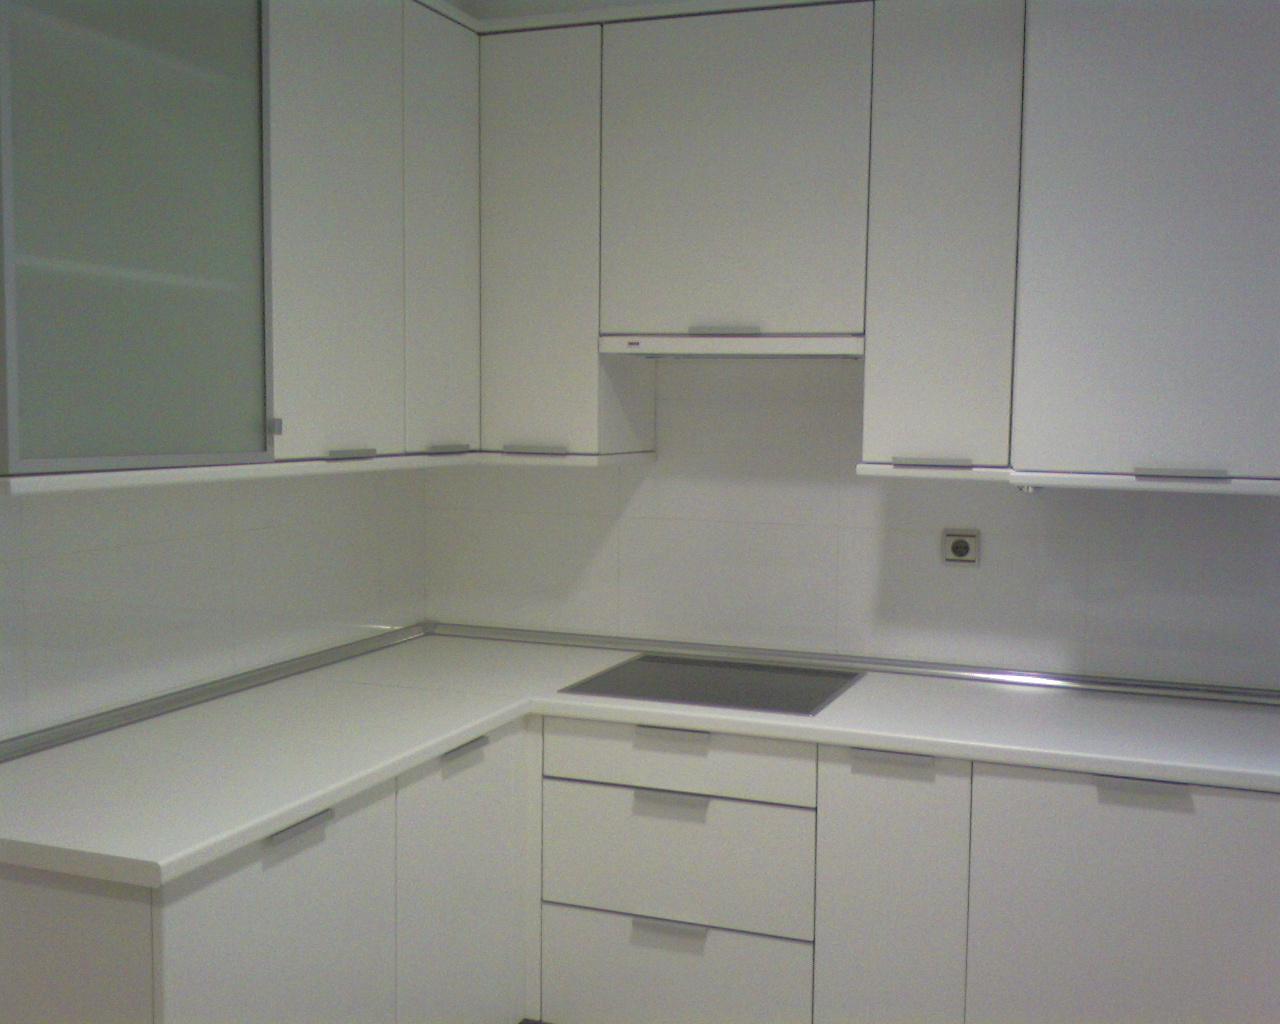 Cocinas - Cocina blanca encimera blanca ...